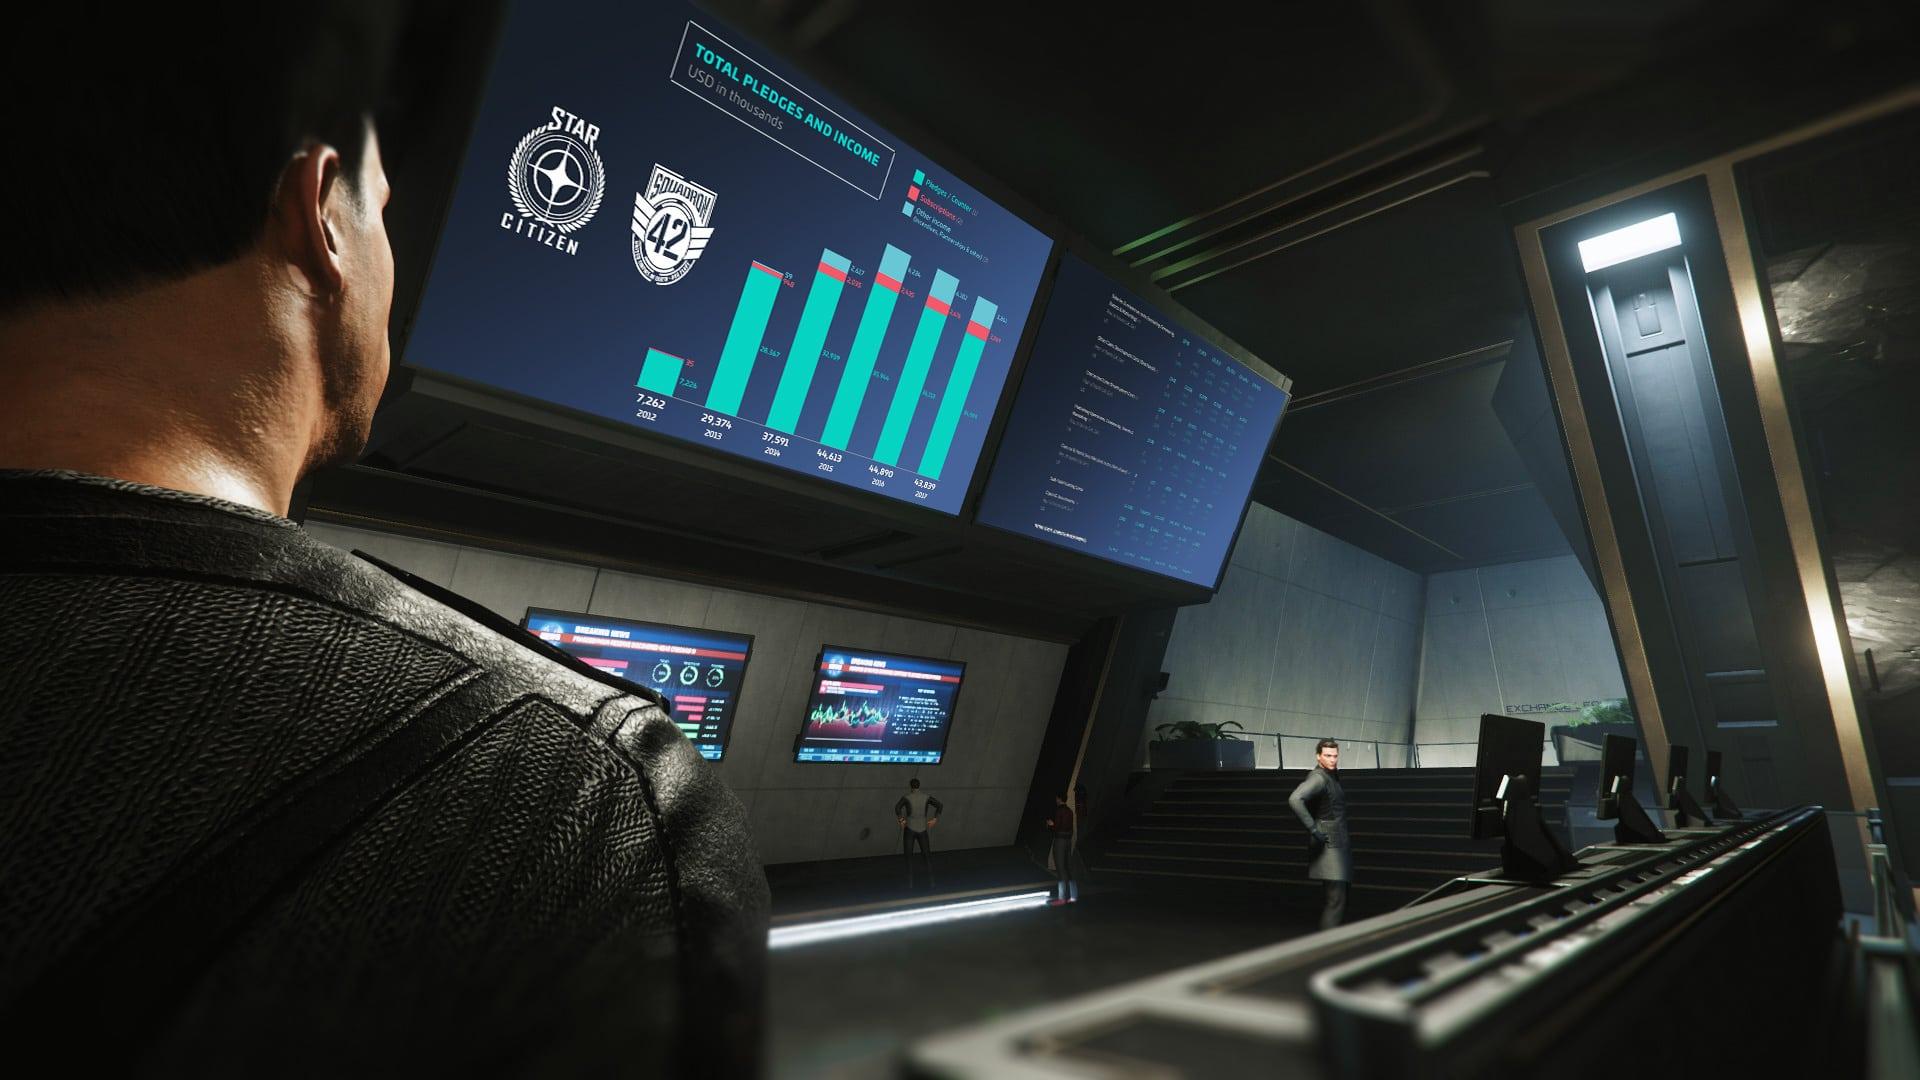 Wie steht es wirklich um die Finanzen der Star Citizen & Squadron 42-Macher? © Cloud Imperium Games / SPACE4GAMES